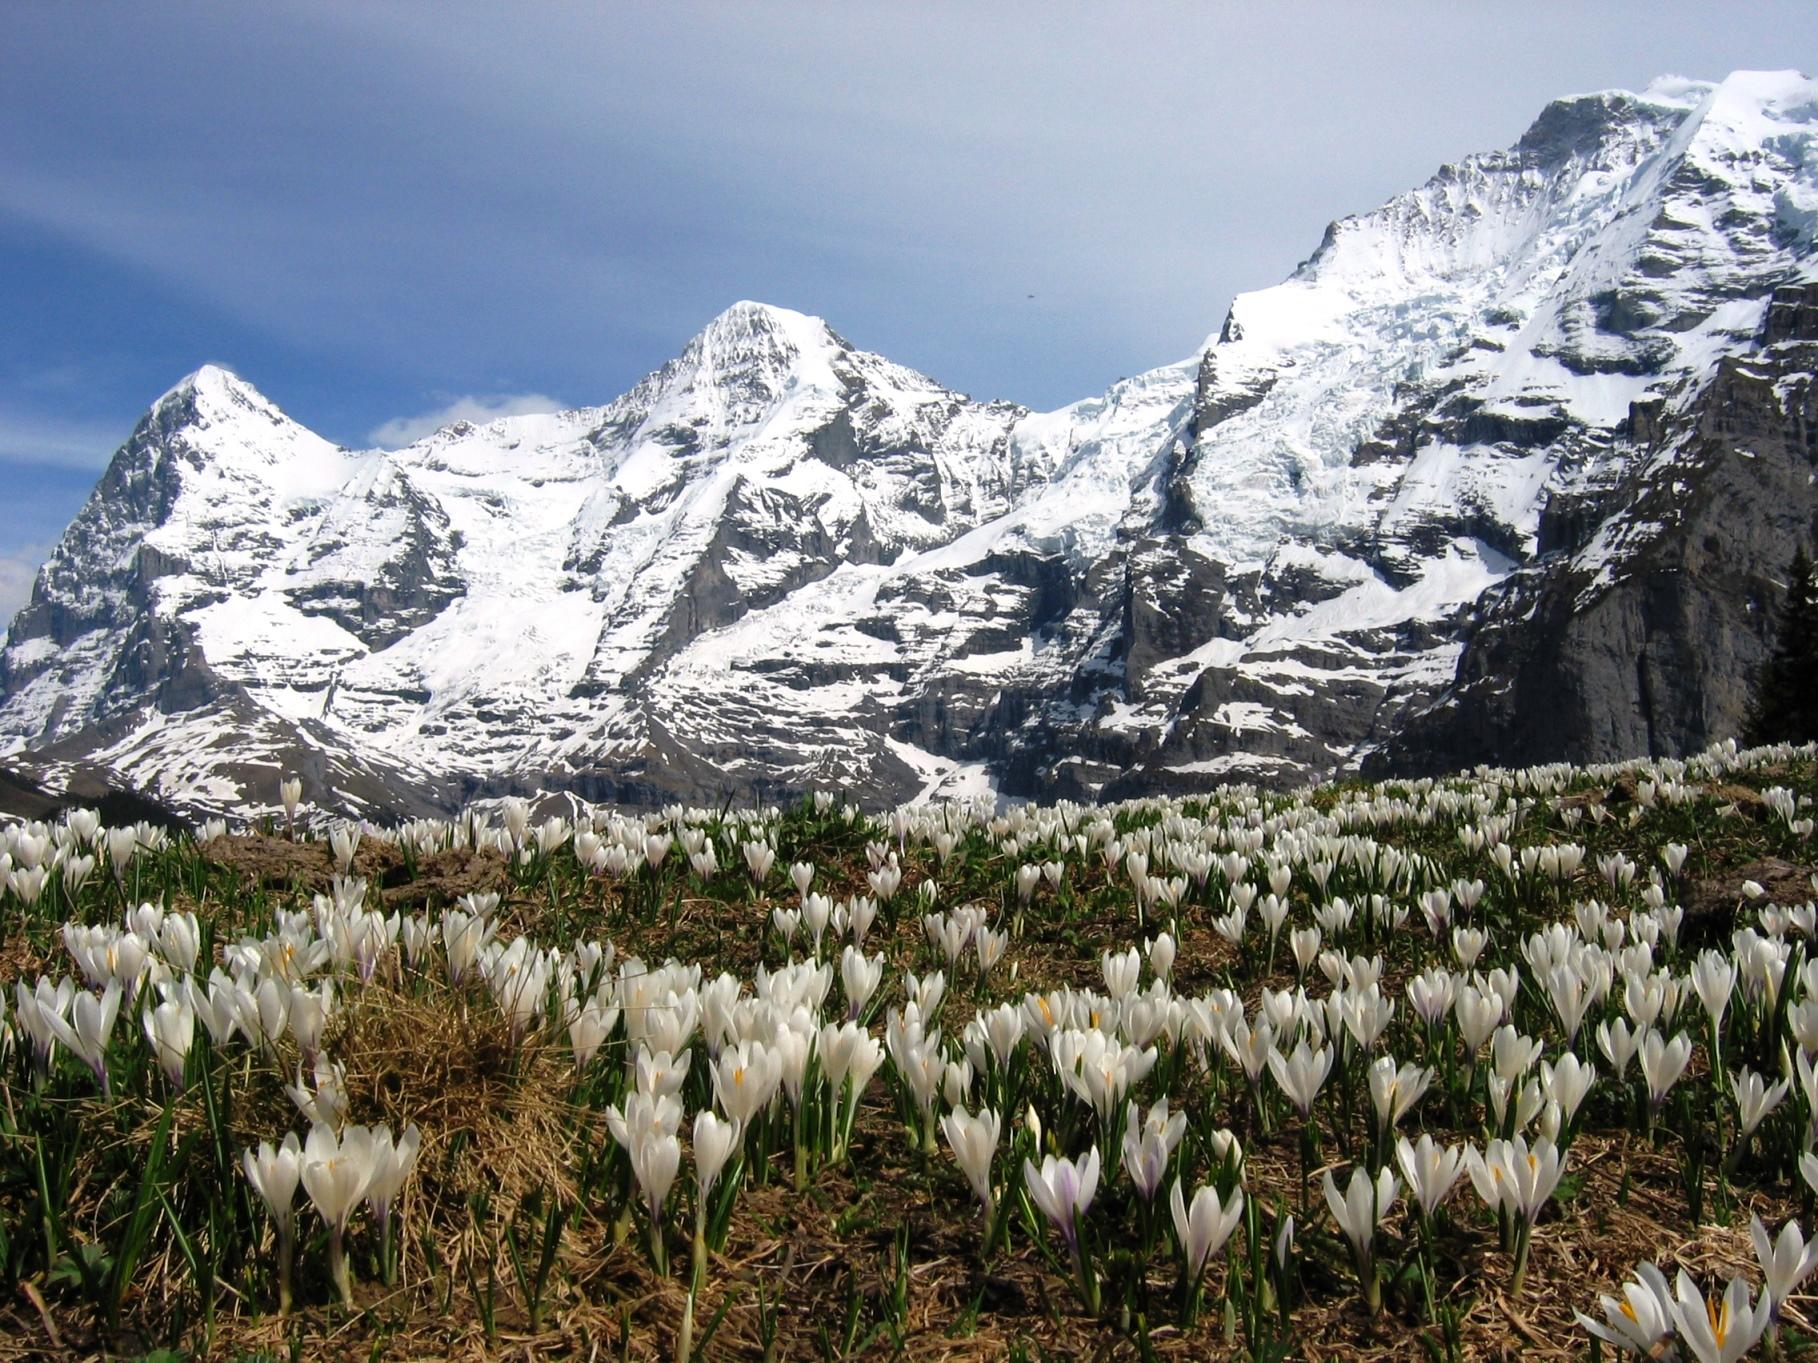 ミューレン付近から見るベルナー・オーバーラント三山と咲き誇るクロッカス(2日目)